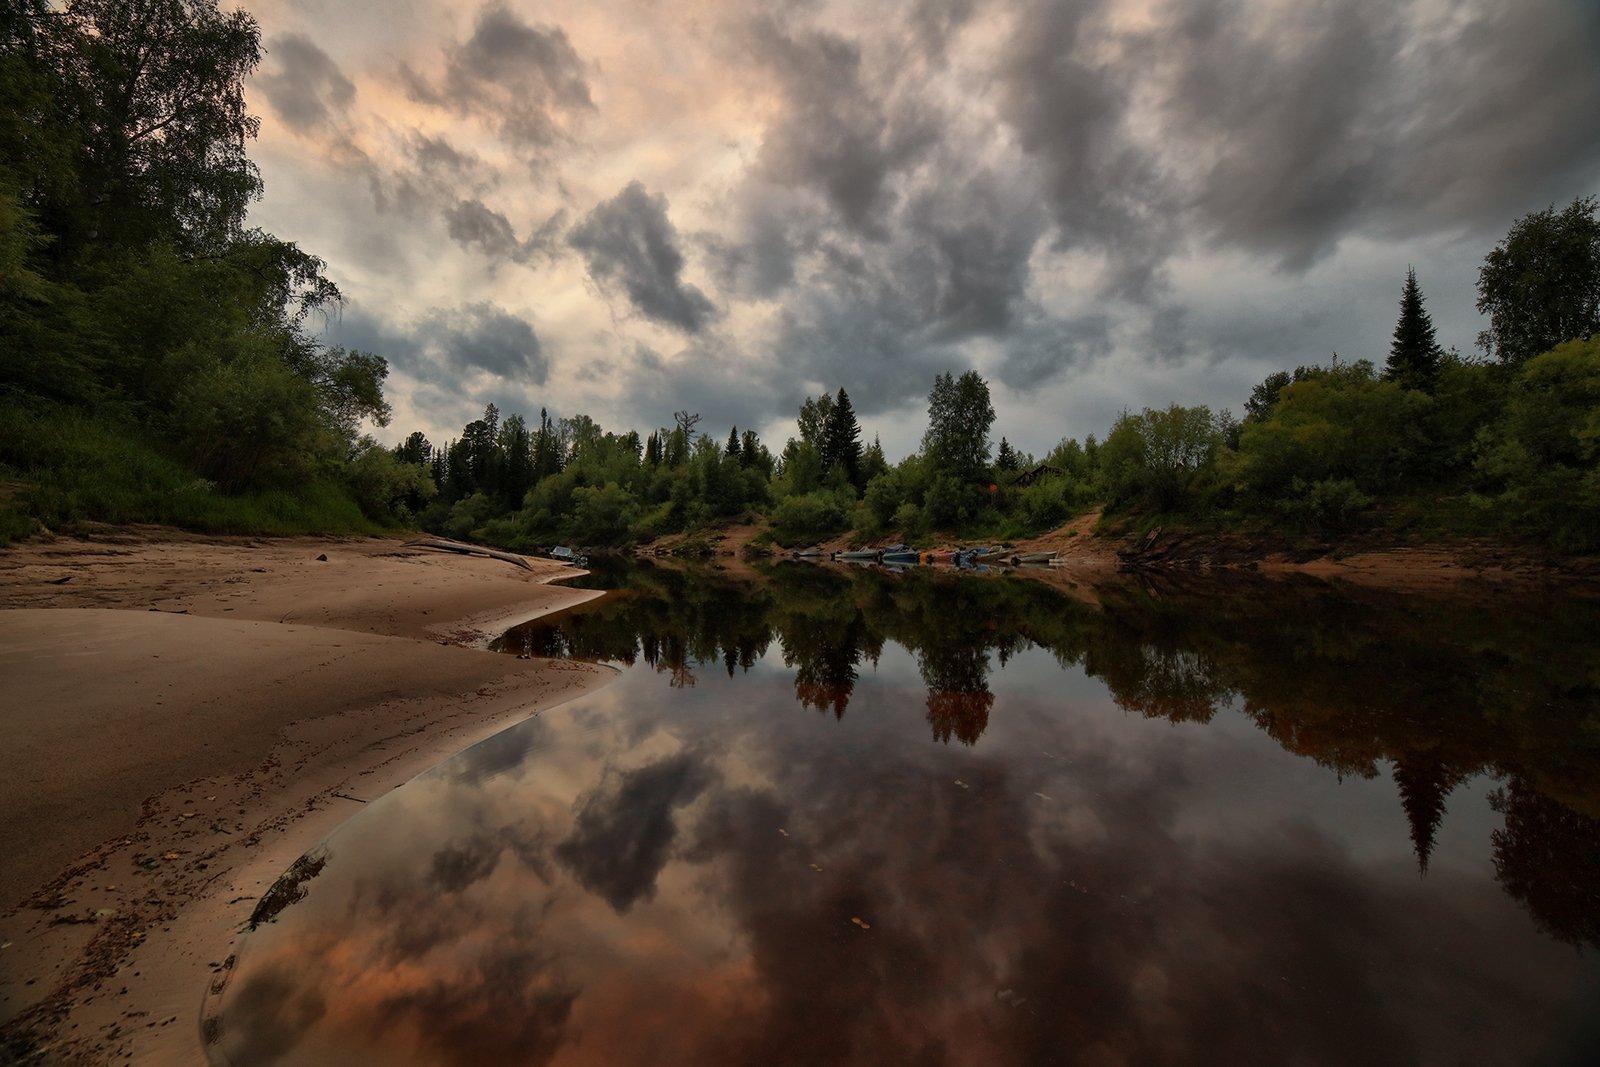 югра,ачимовы,юганский заповедник,река малый юган, Борис Полозков